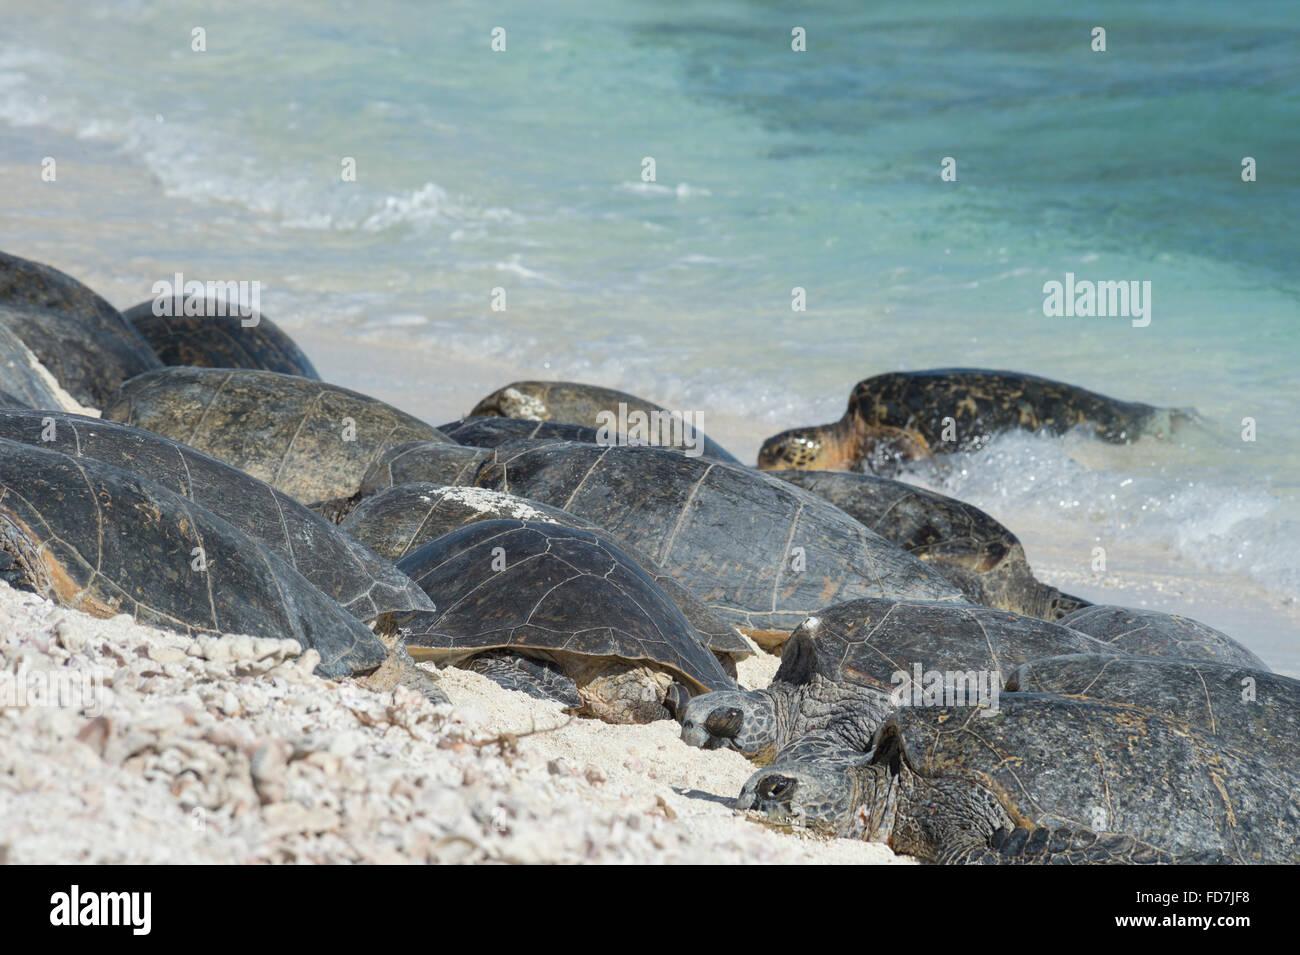 Tortugas marinas verdes, especies amenazadas ( Chelonia mydas ), tomar sol en la playa, una fragata francesa Shoals, en las Islas Hawaianas del Noroeste Foto de stock